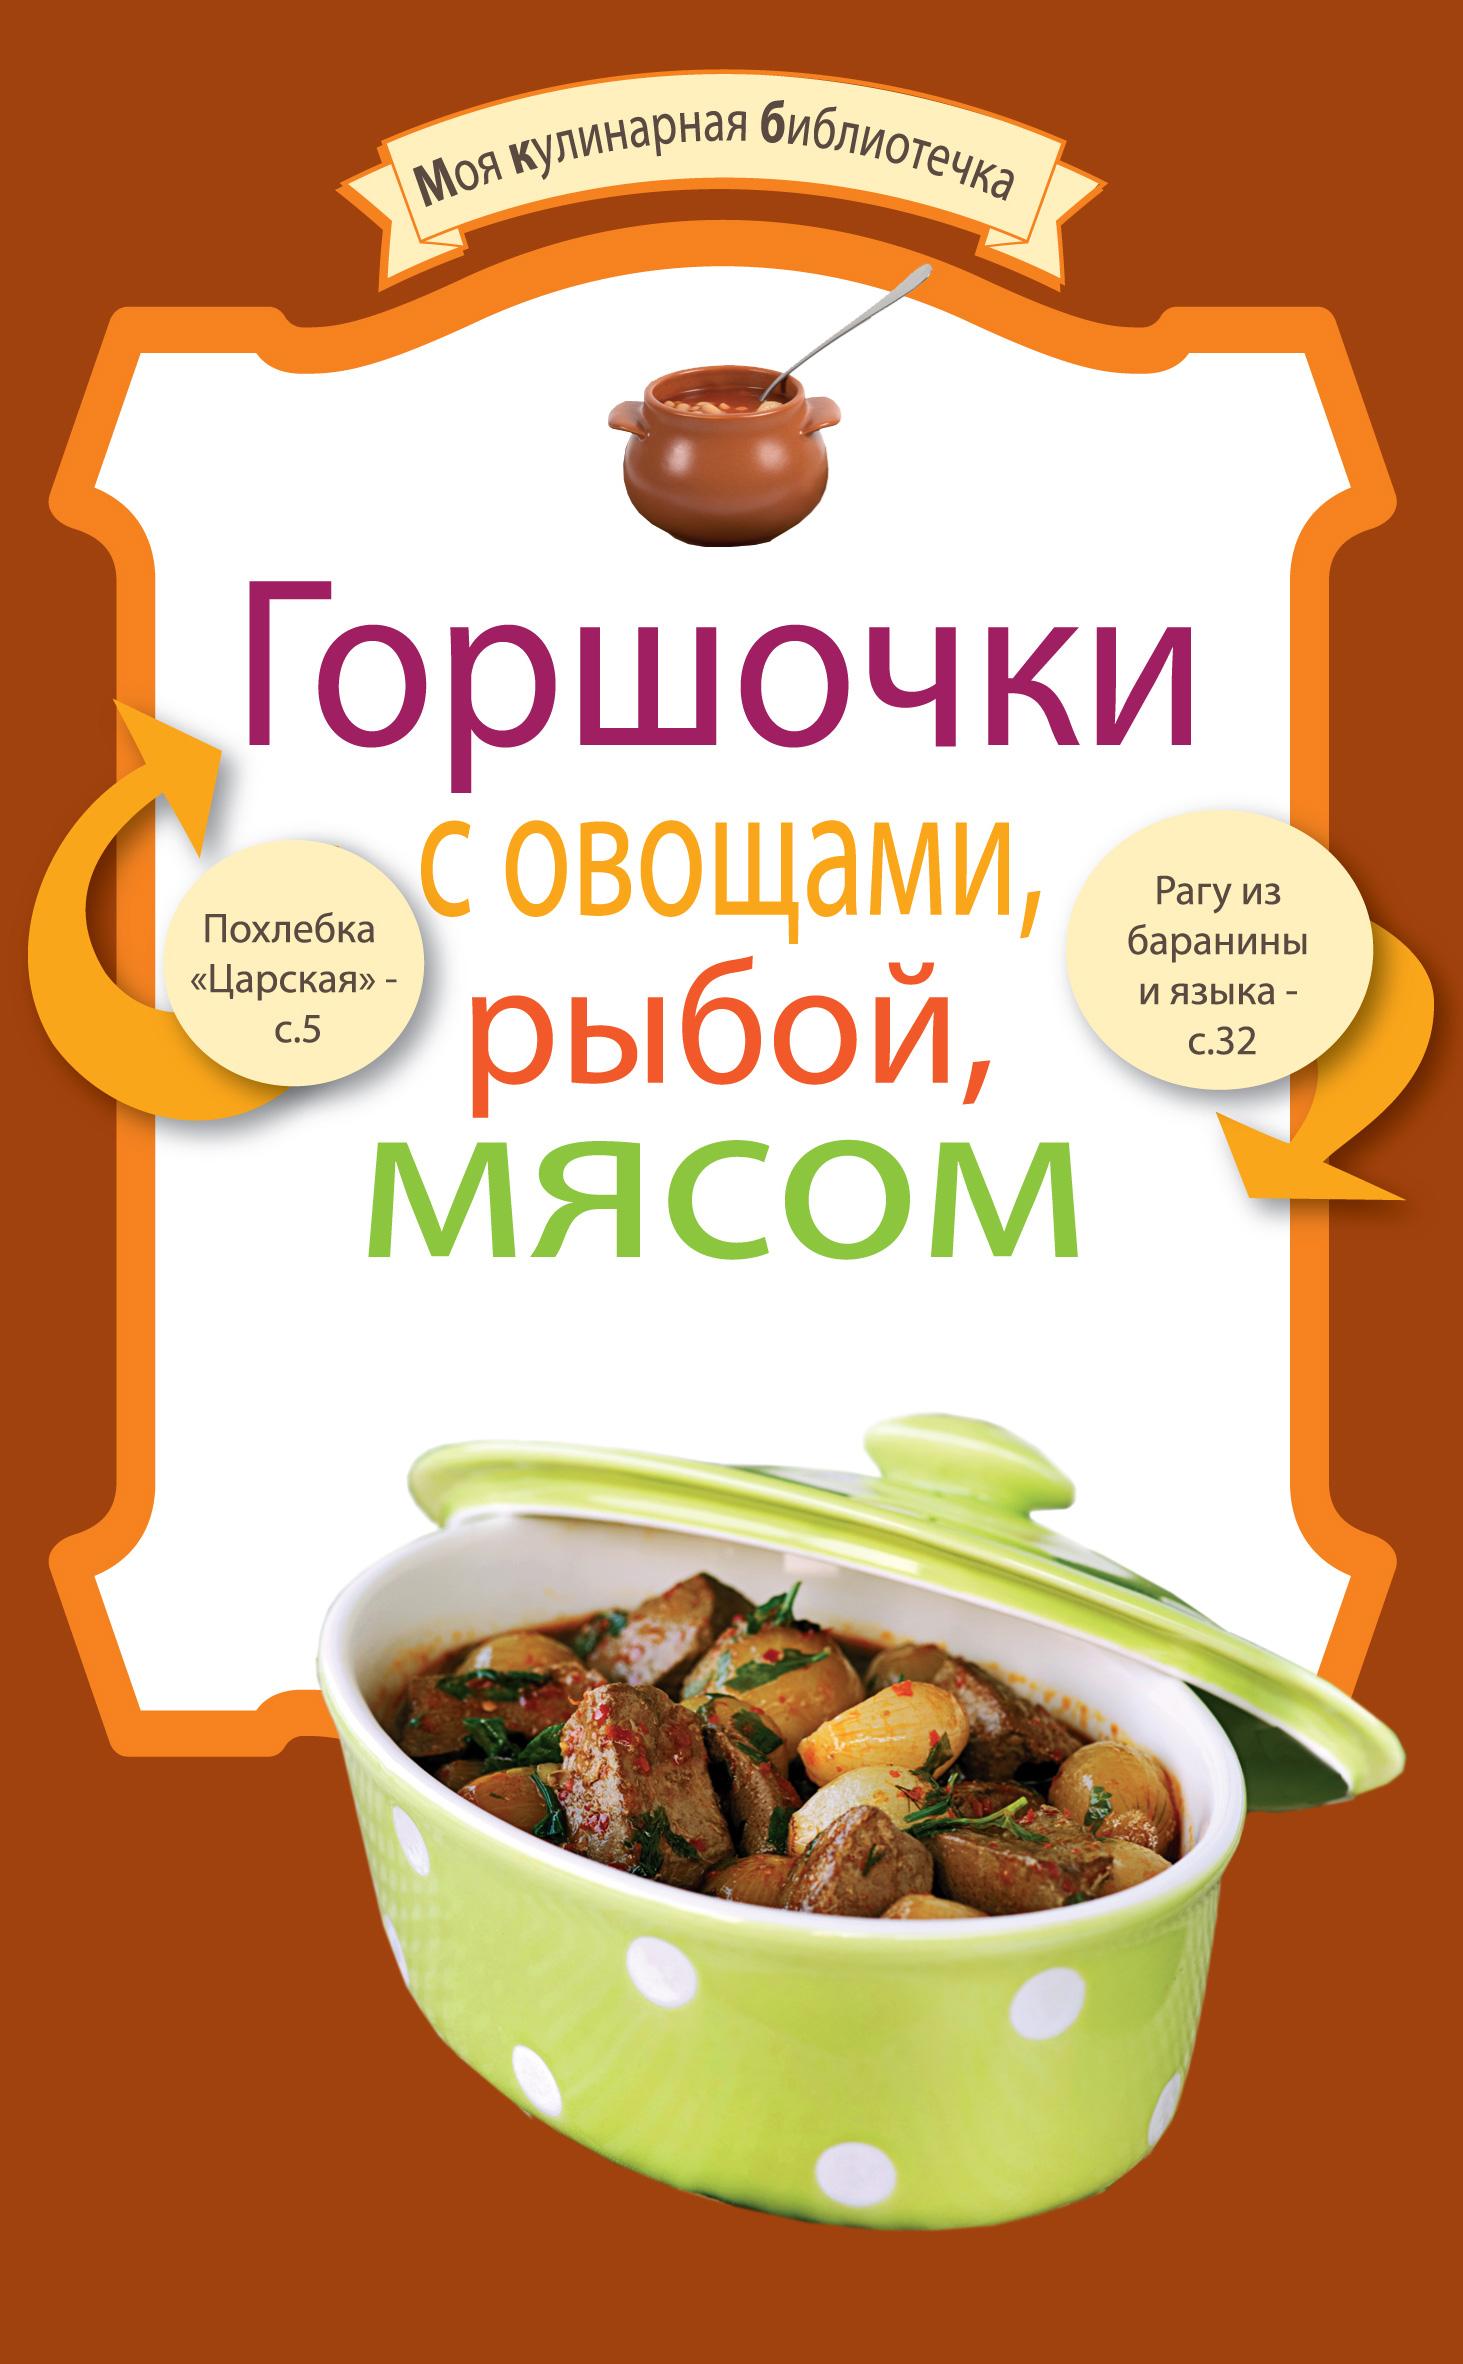 Сборник рецептов Горшочки с овощами, рыбой, мясом постно и вкусно выпуск 3 рецепты постных блюд с рыбой